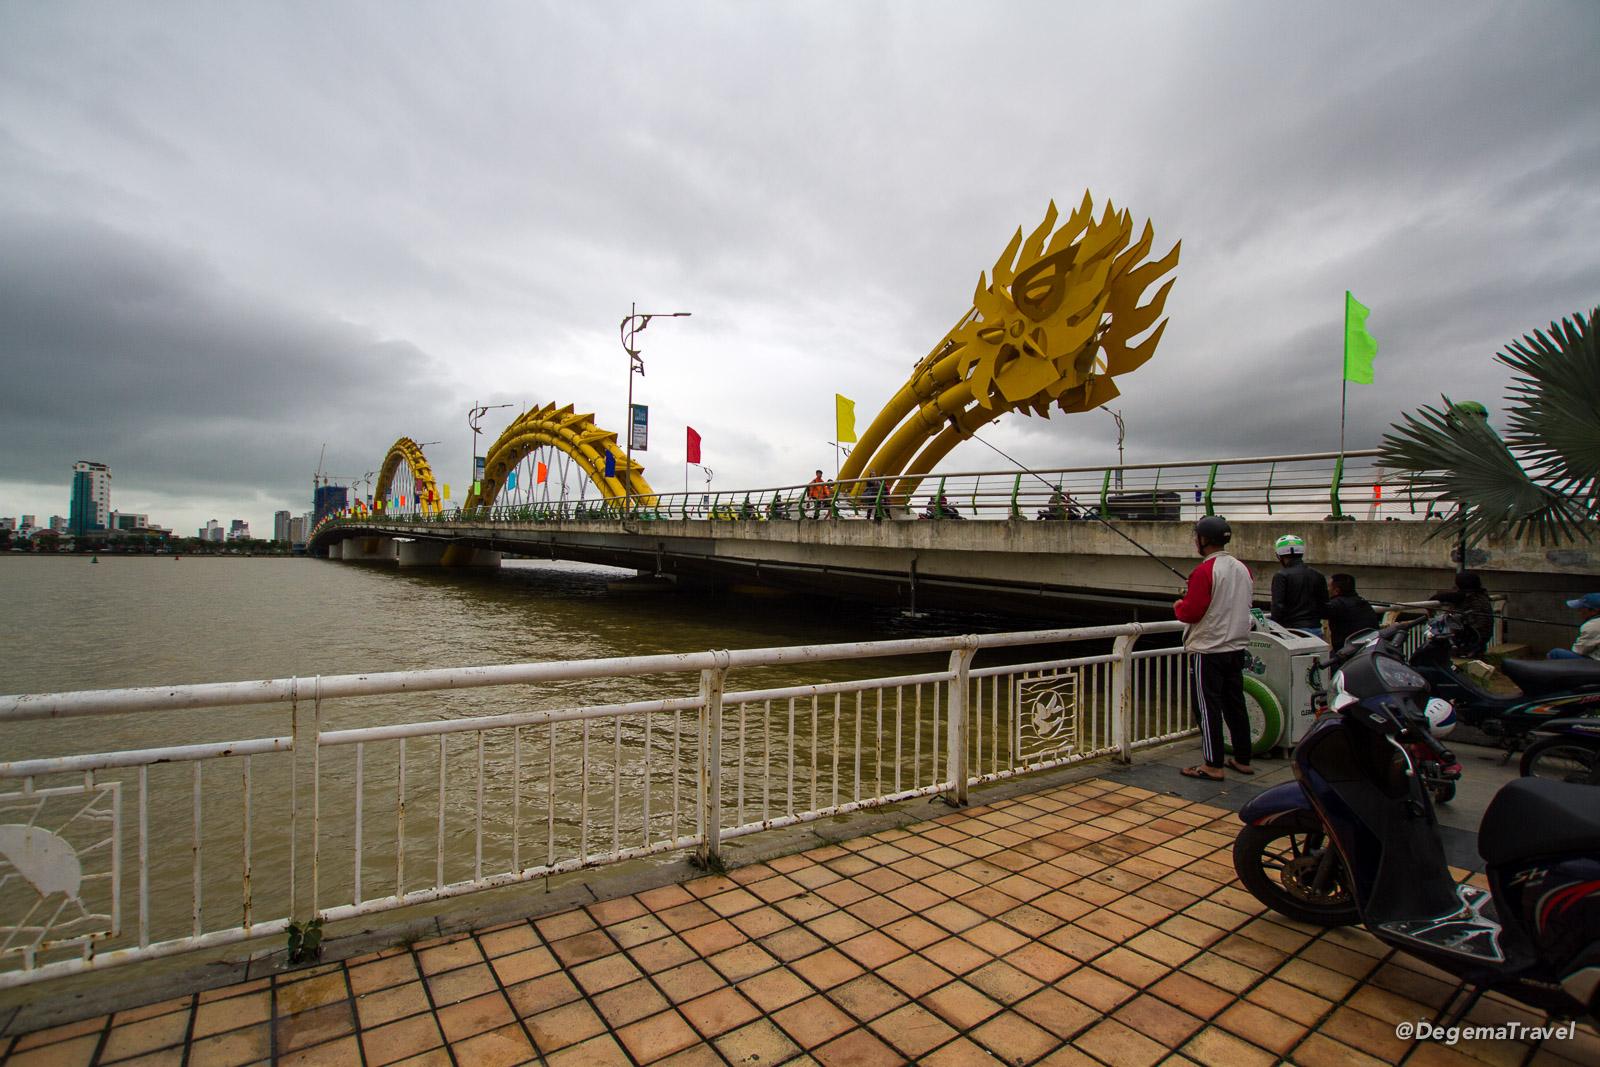 Cầu Rồng (Dragon Bridge) in Da Nang, Vietnam